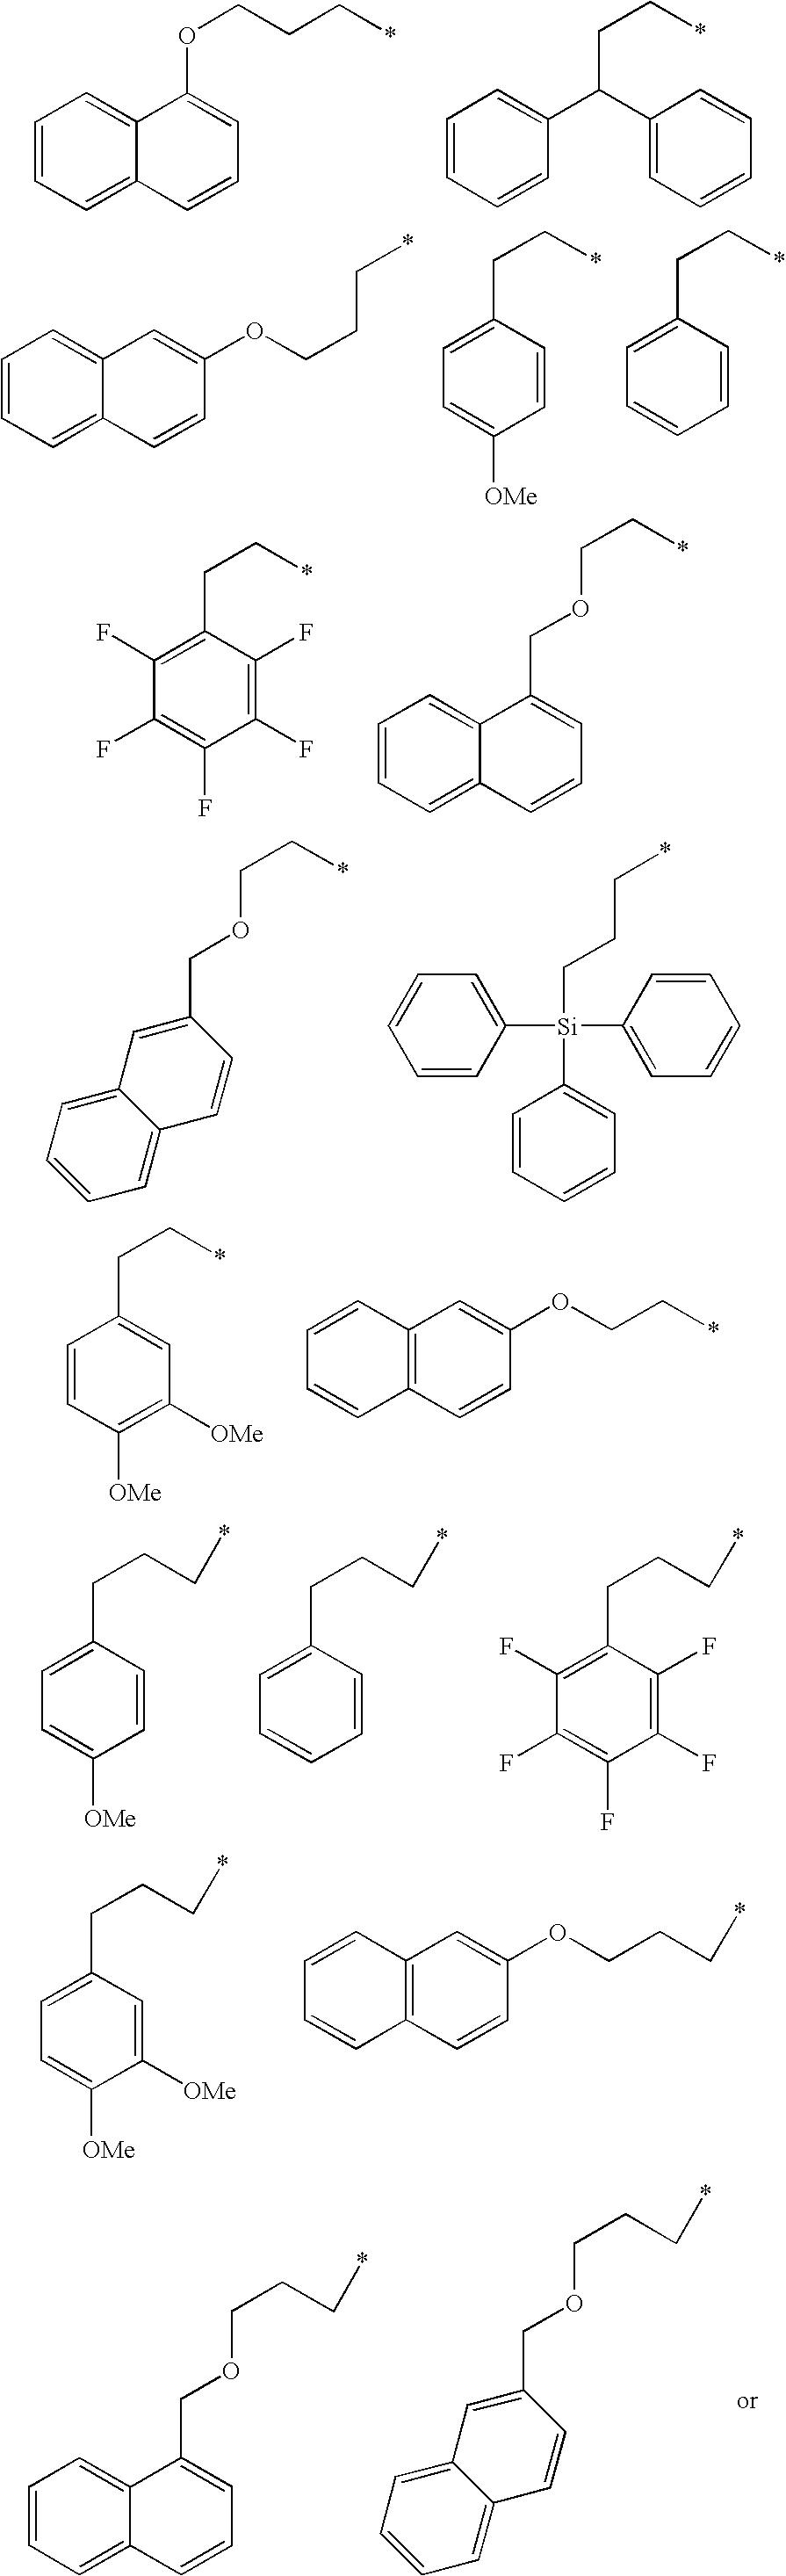 Figure US20050085611A1-20050421-C00003